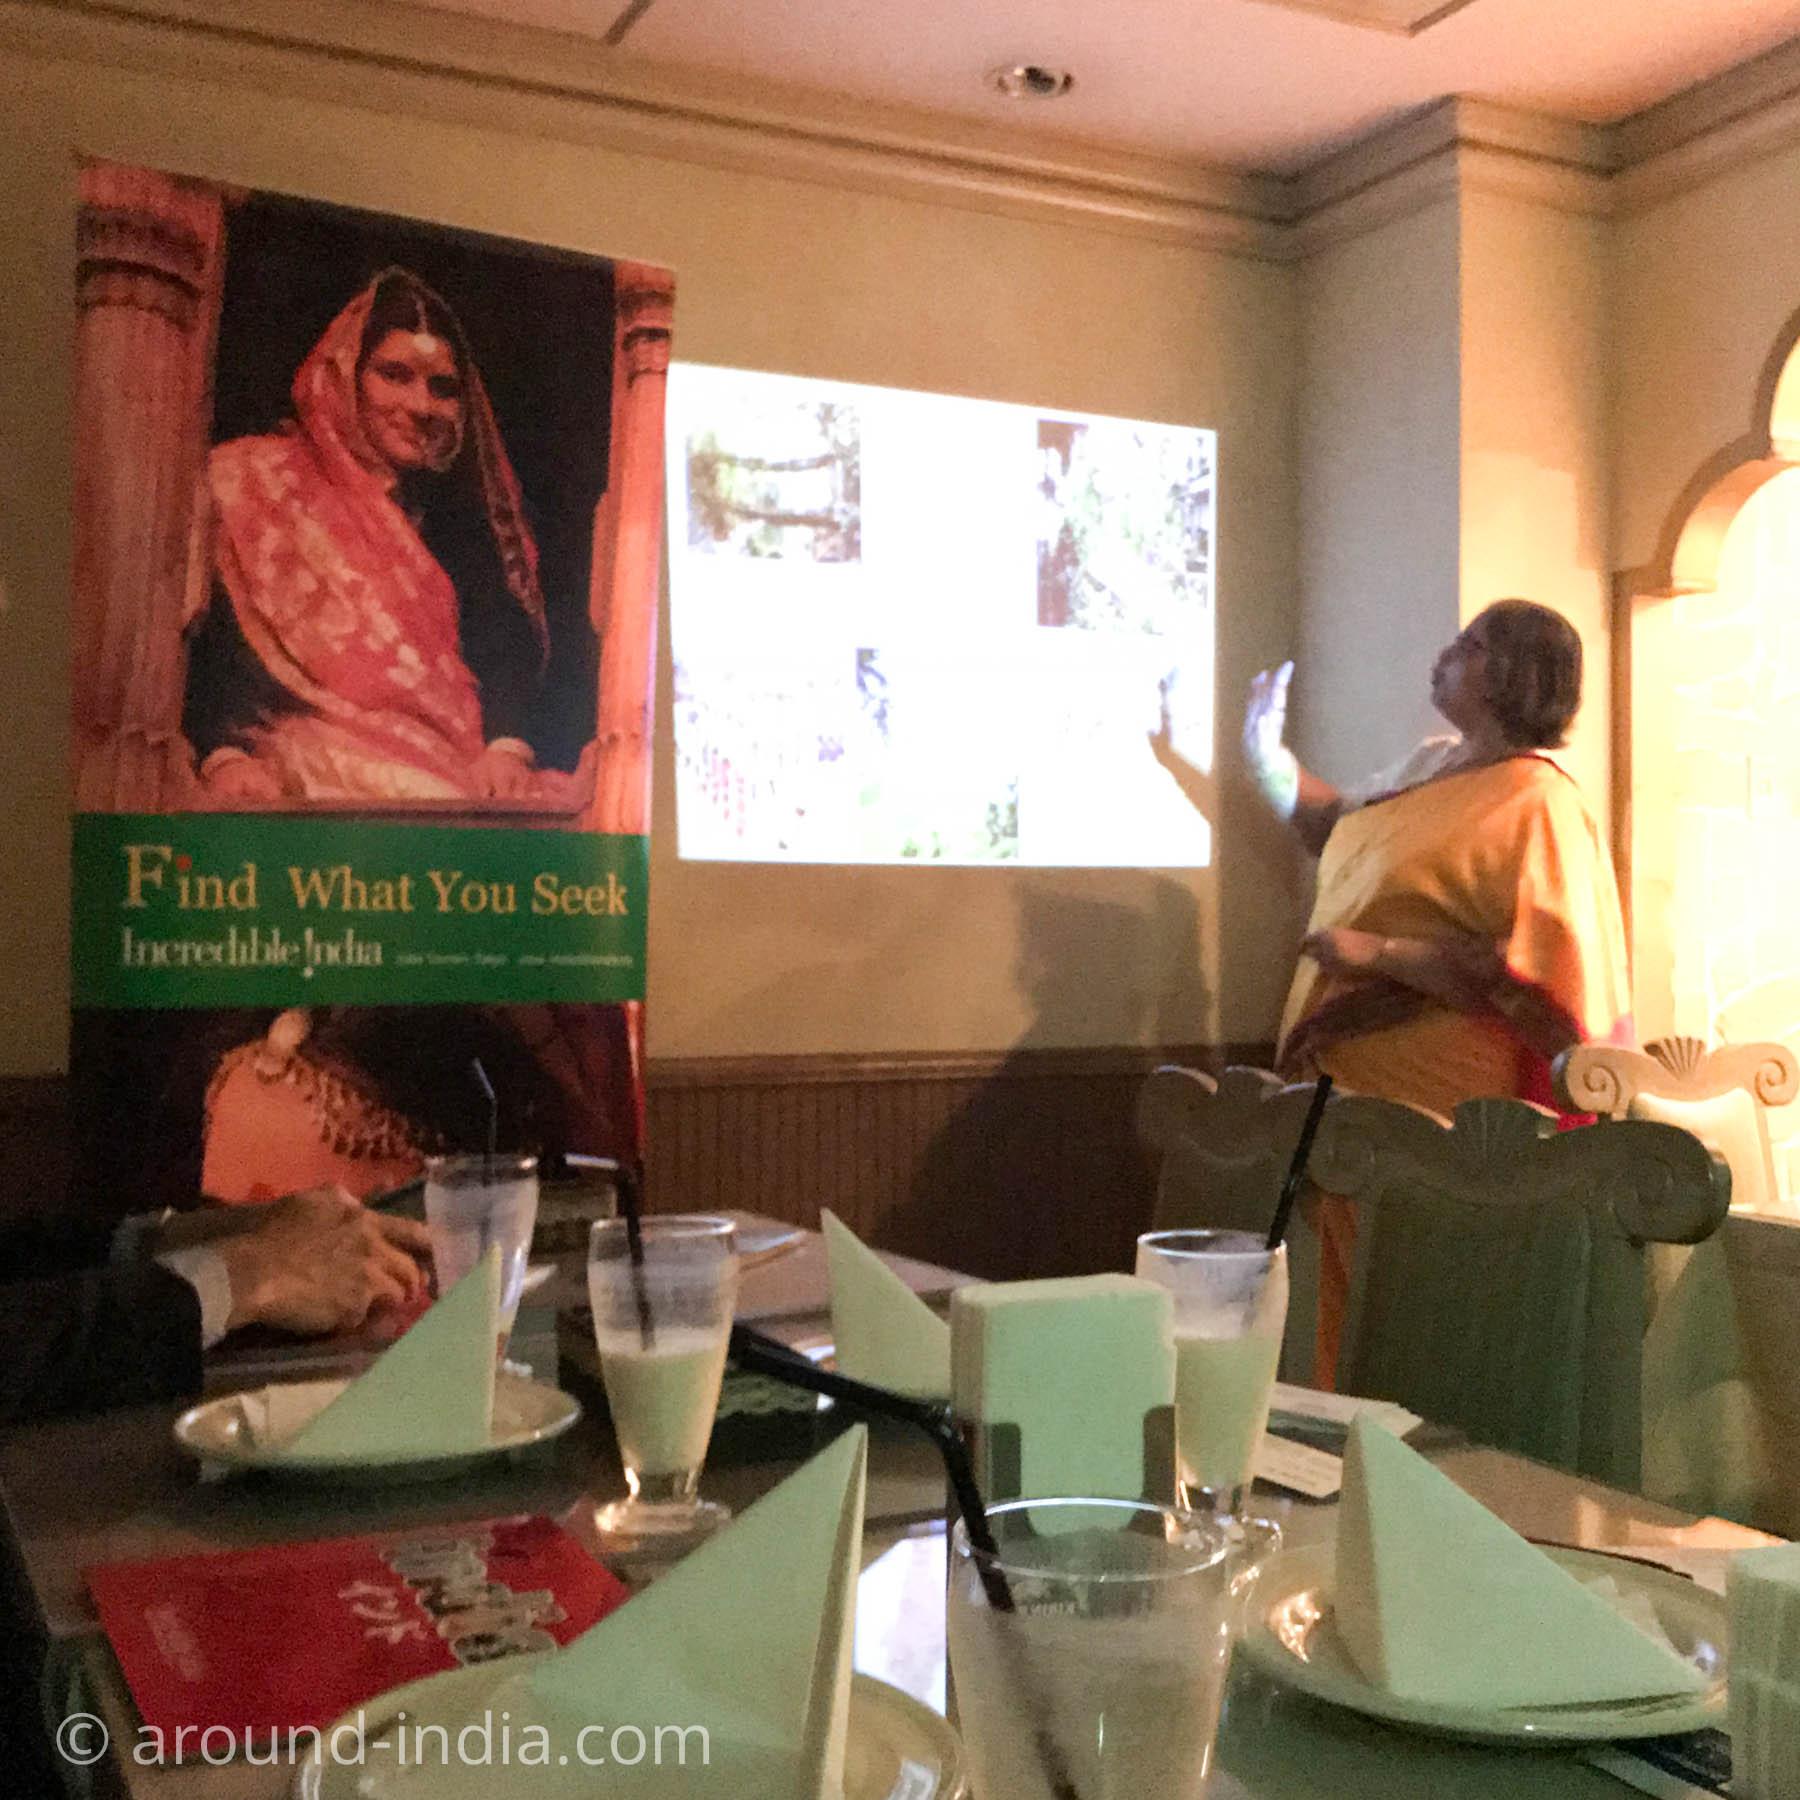 インド政府観光局によるインド紹介